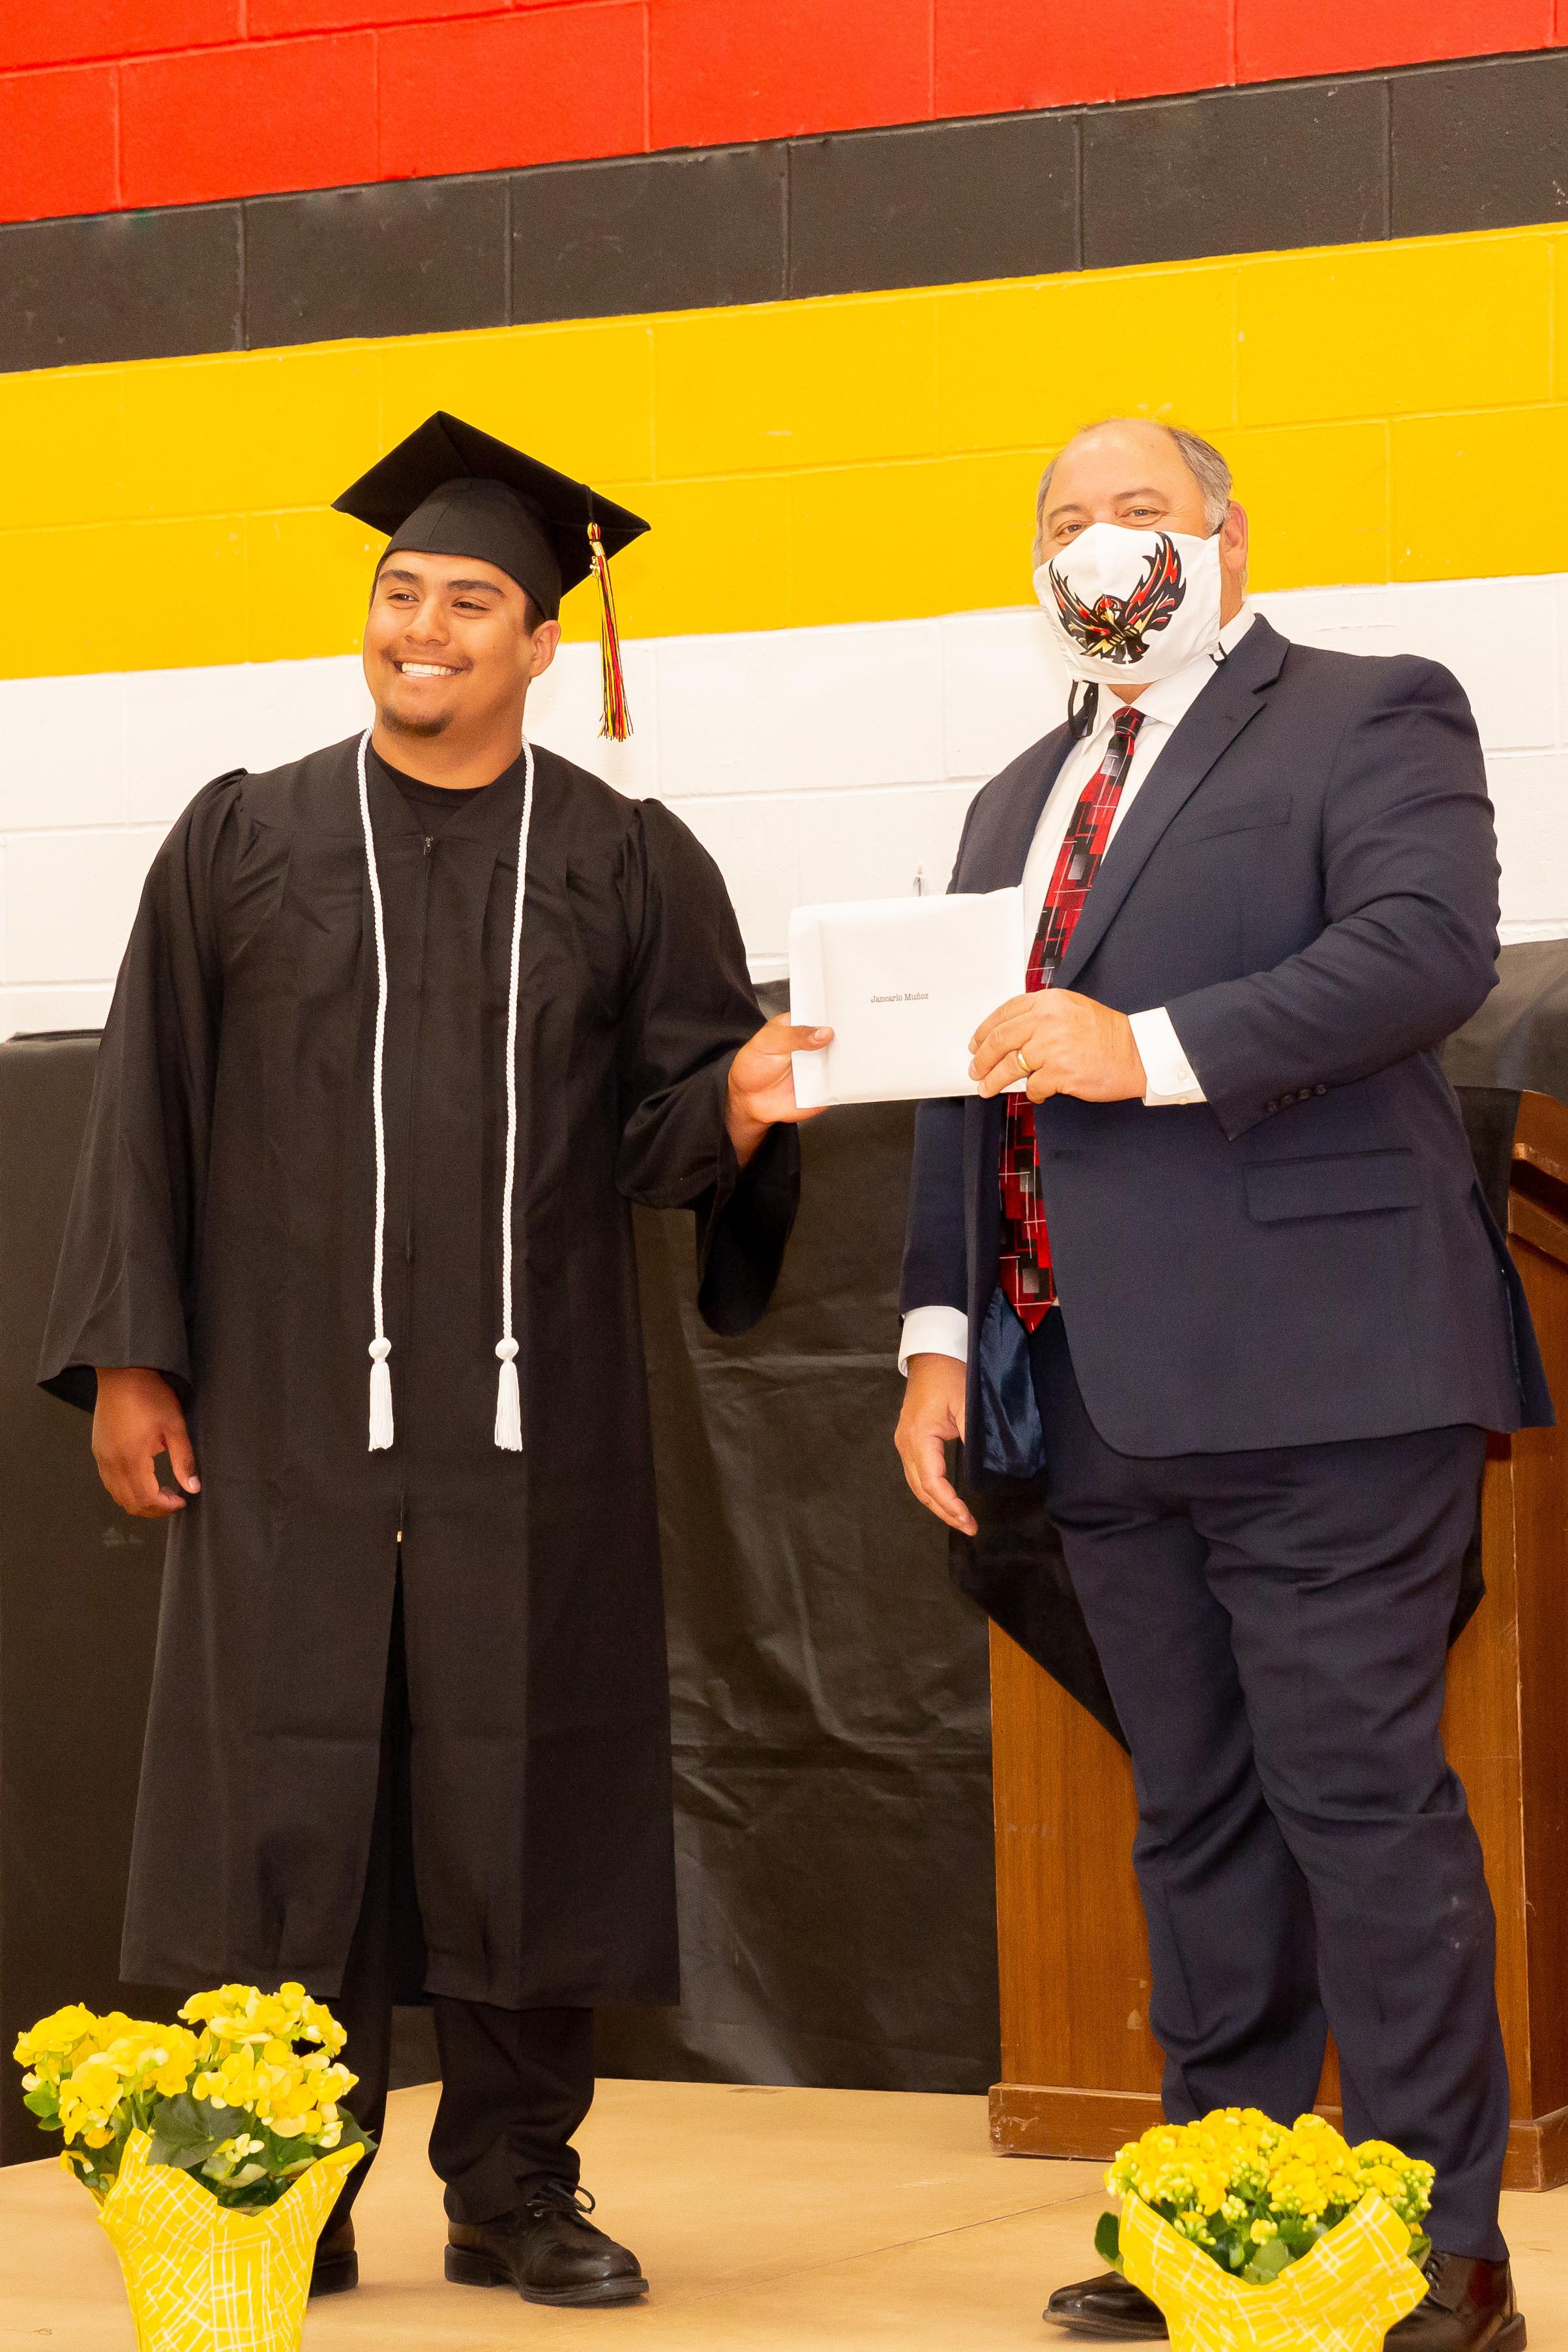 JC Munoz receives his diploma.